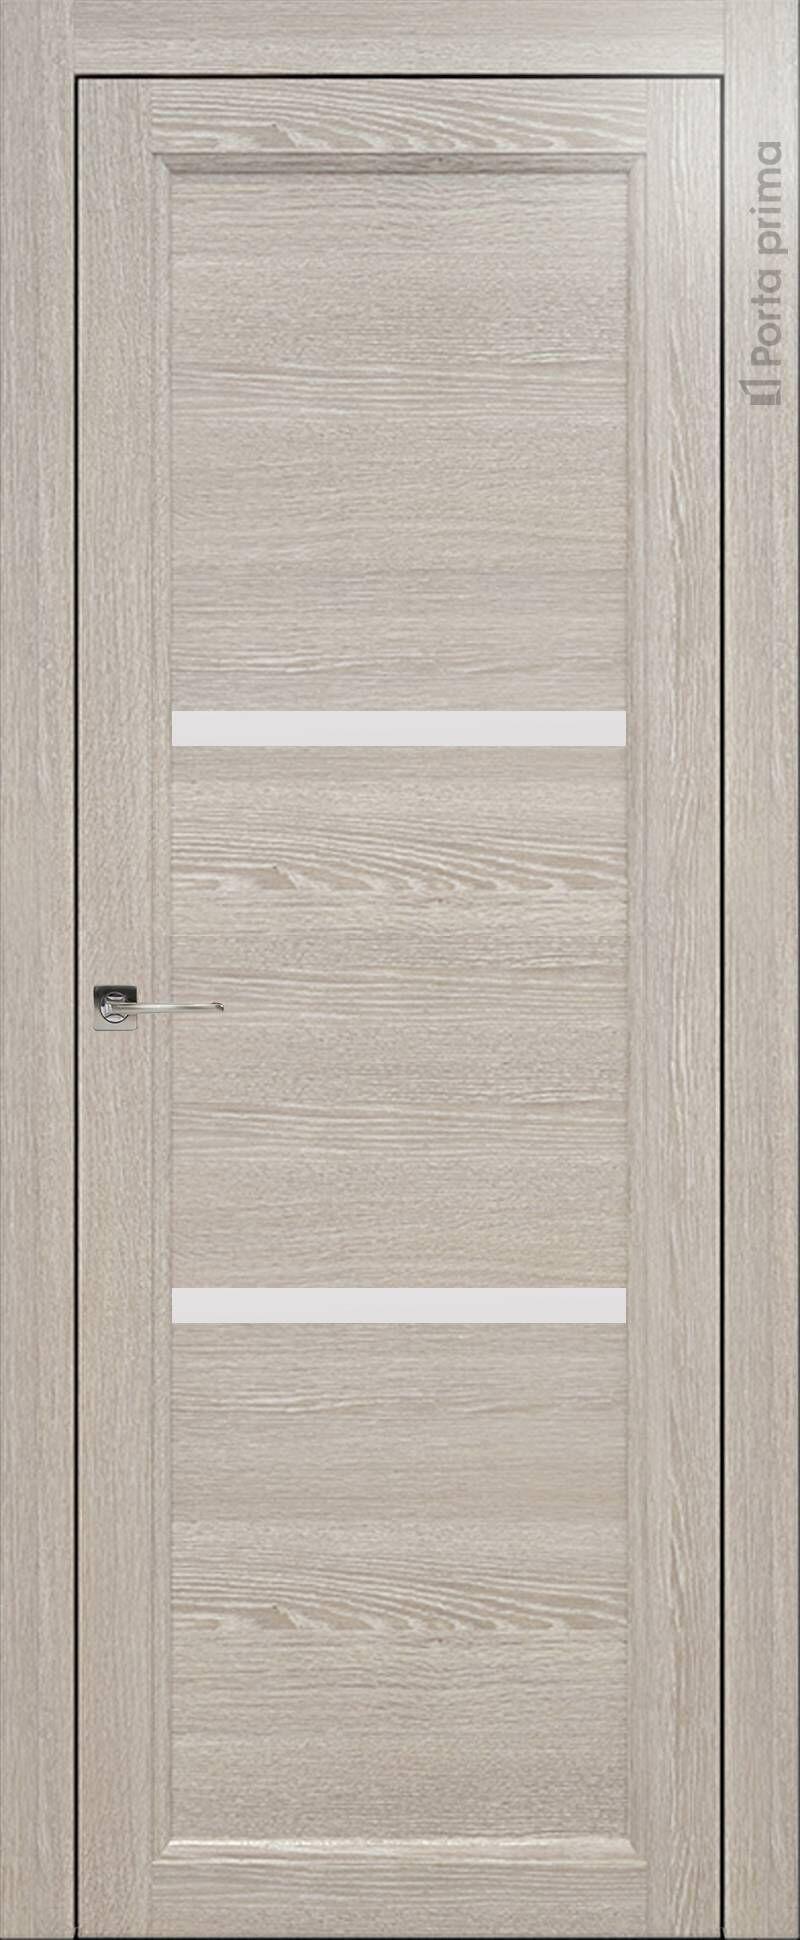 Sorrento-R Б3 цвет - Серый дуб Без стекла (ДГ)